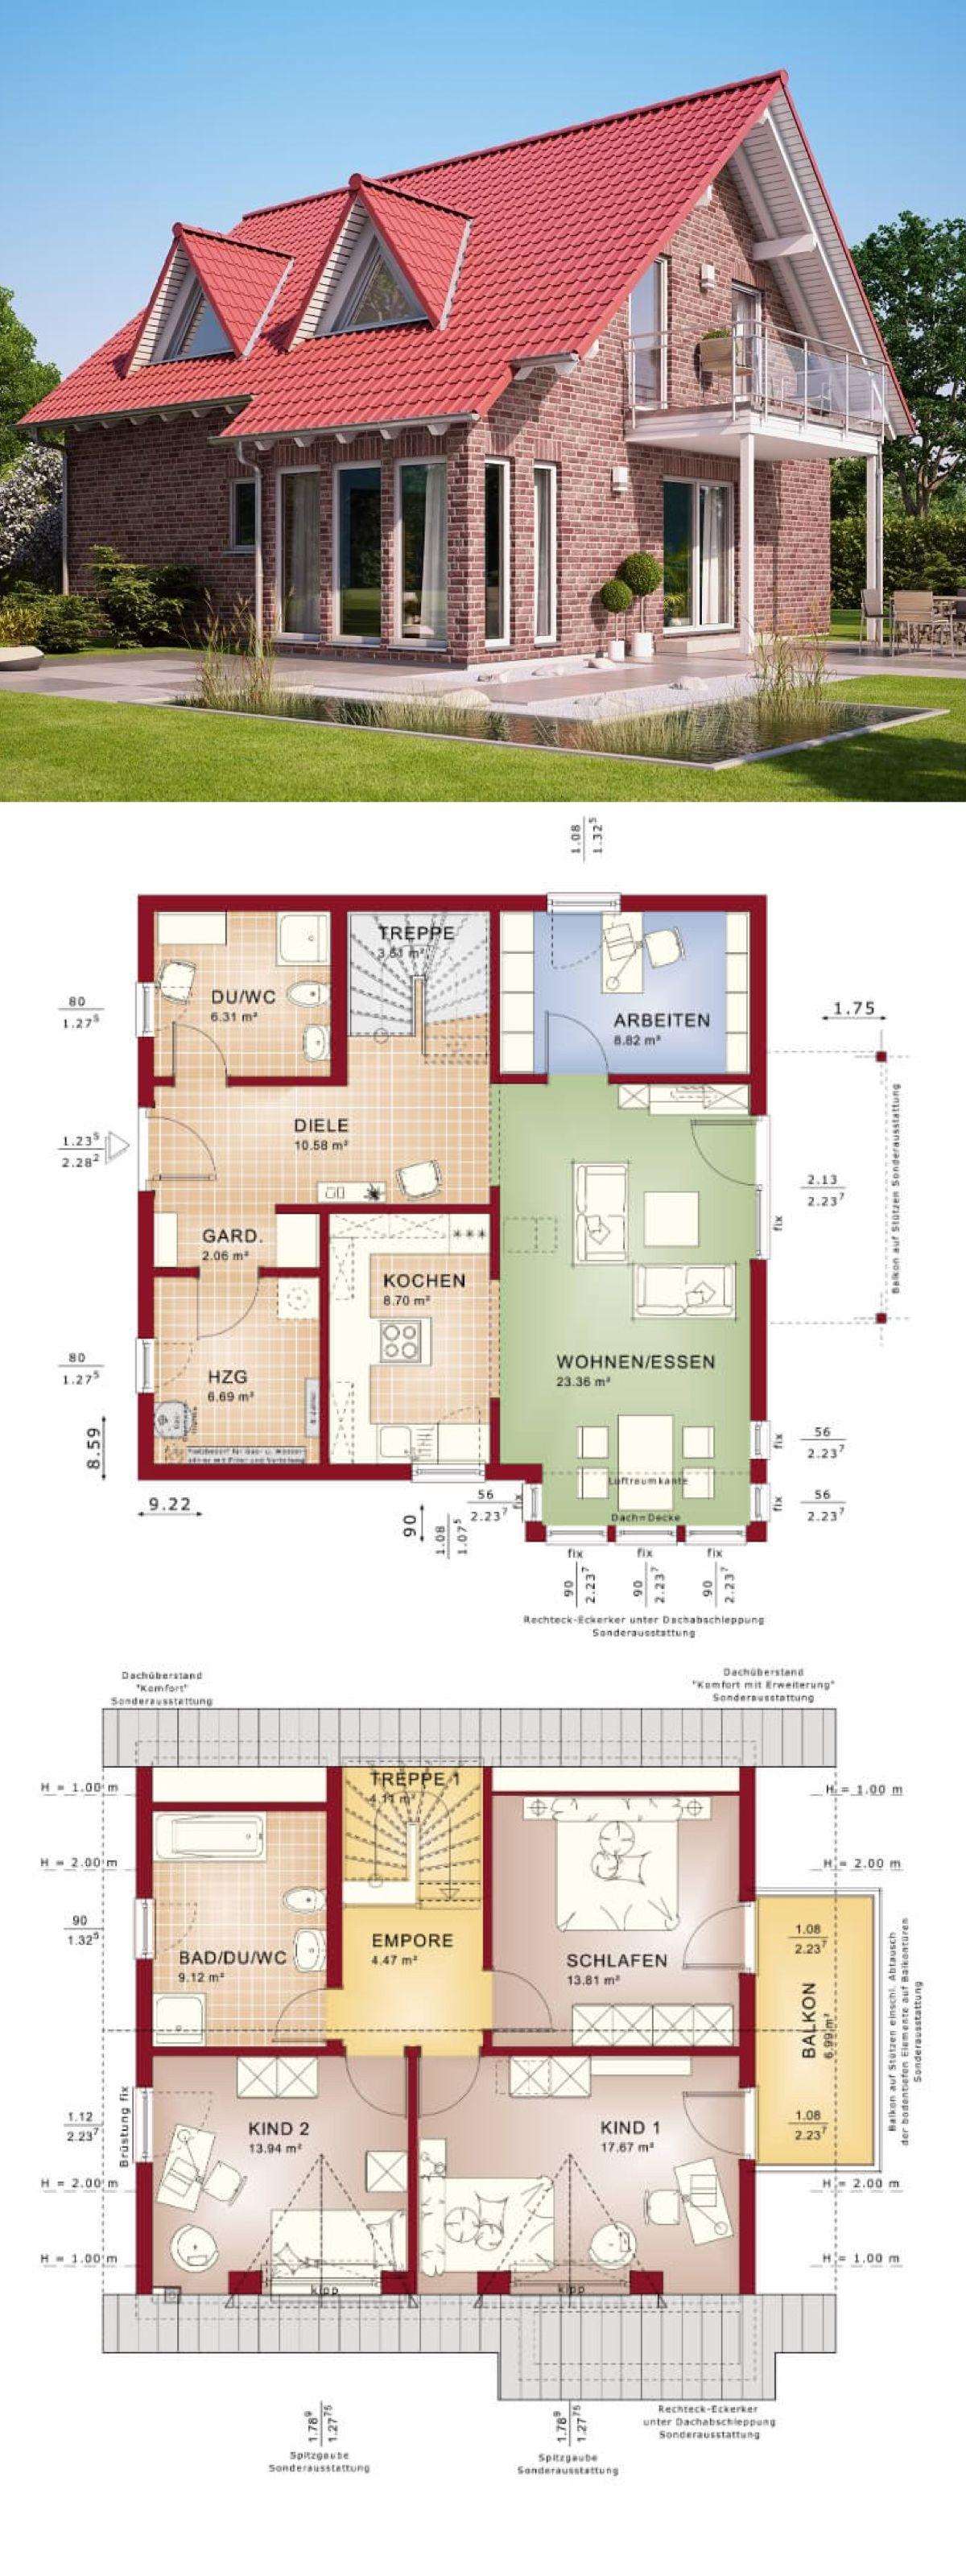 satteldach haus mit klinker fassade spitzgaube grundriss einfamilienhaus architektur. Black Bedroom Furniture Sets. Home Design Ideas